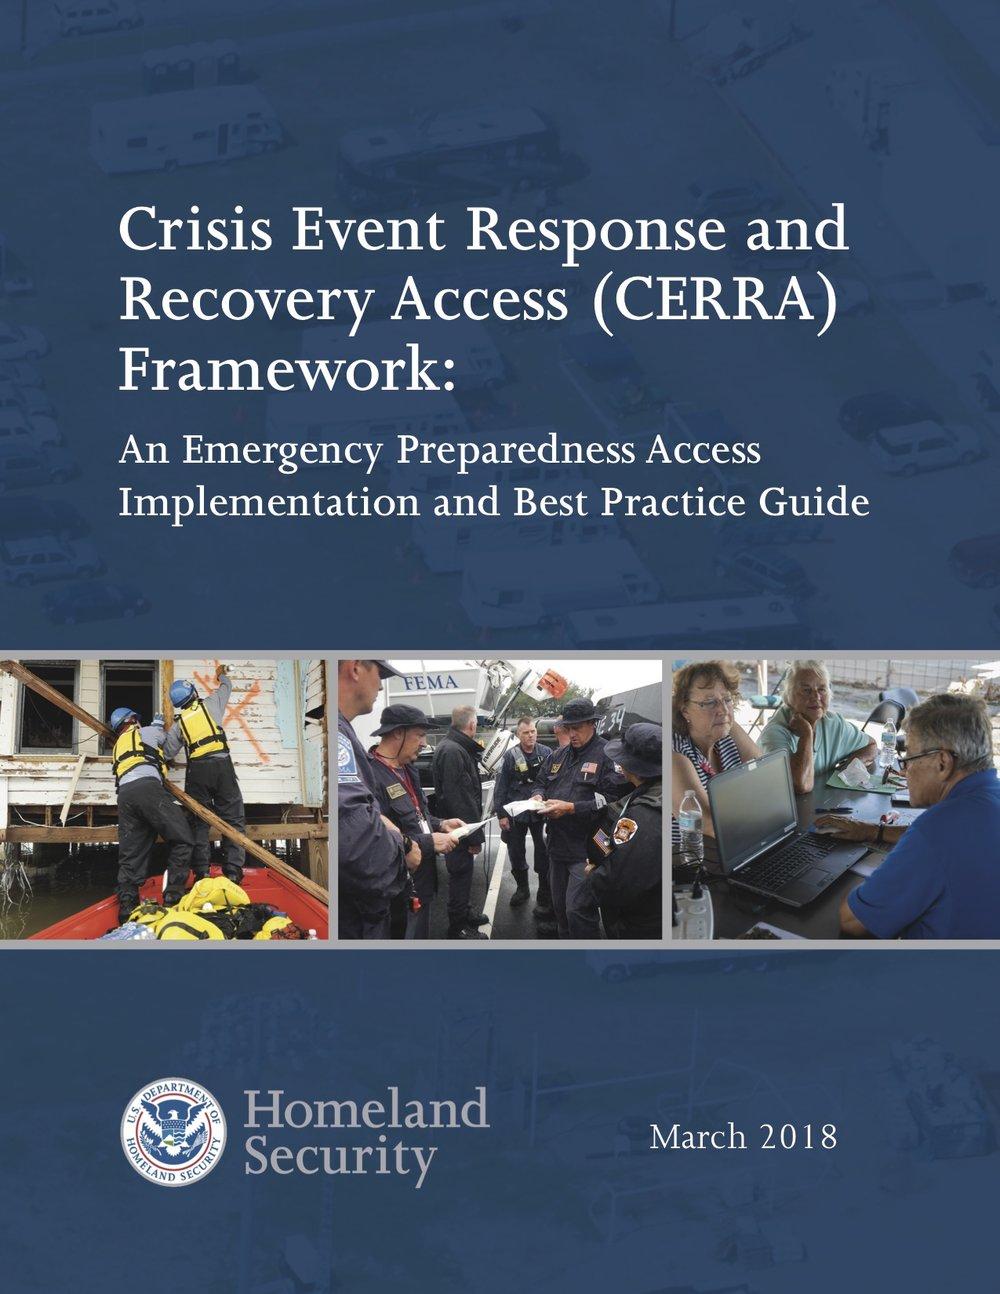 CERRA+Framework (1).jpg